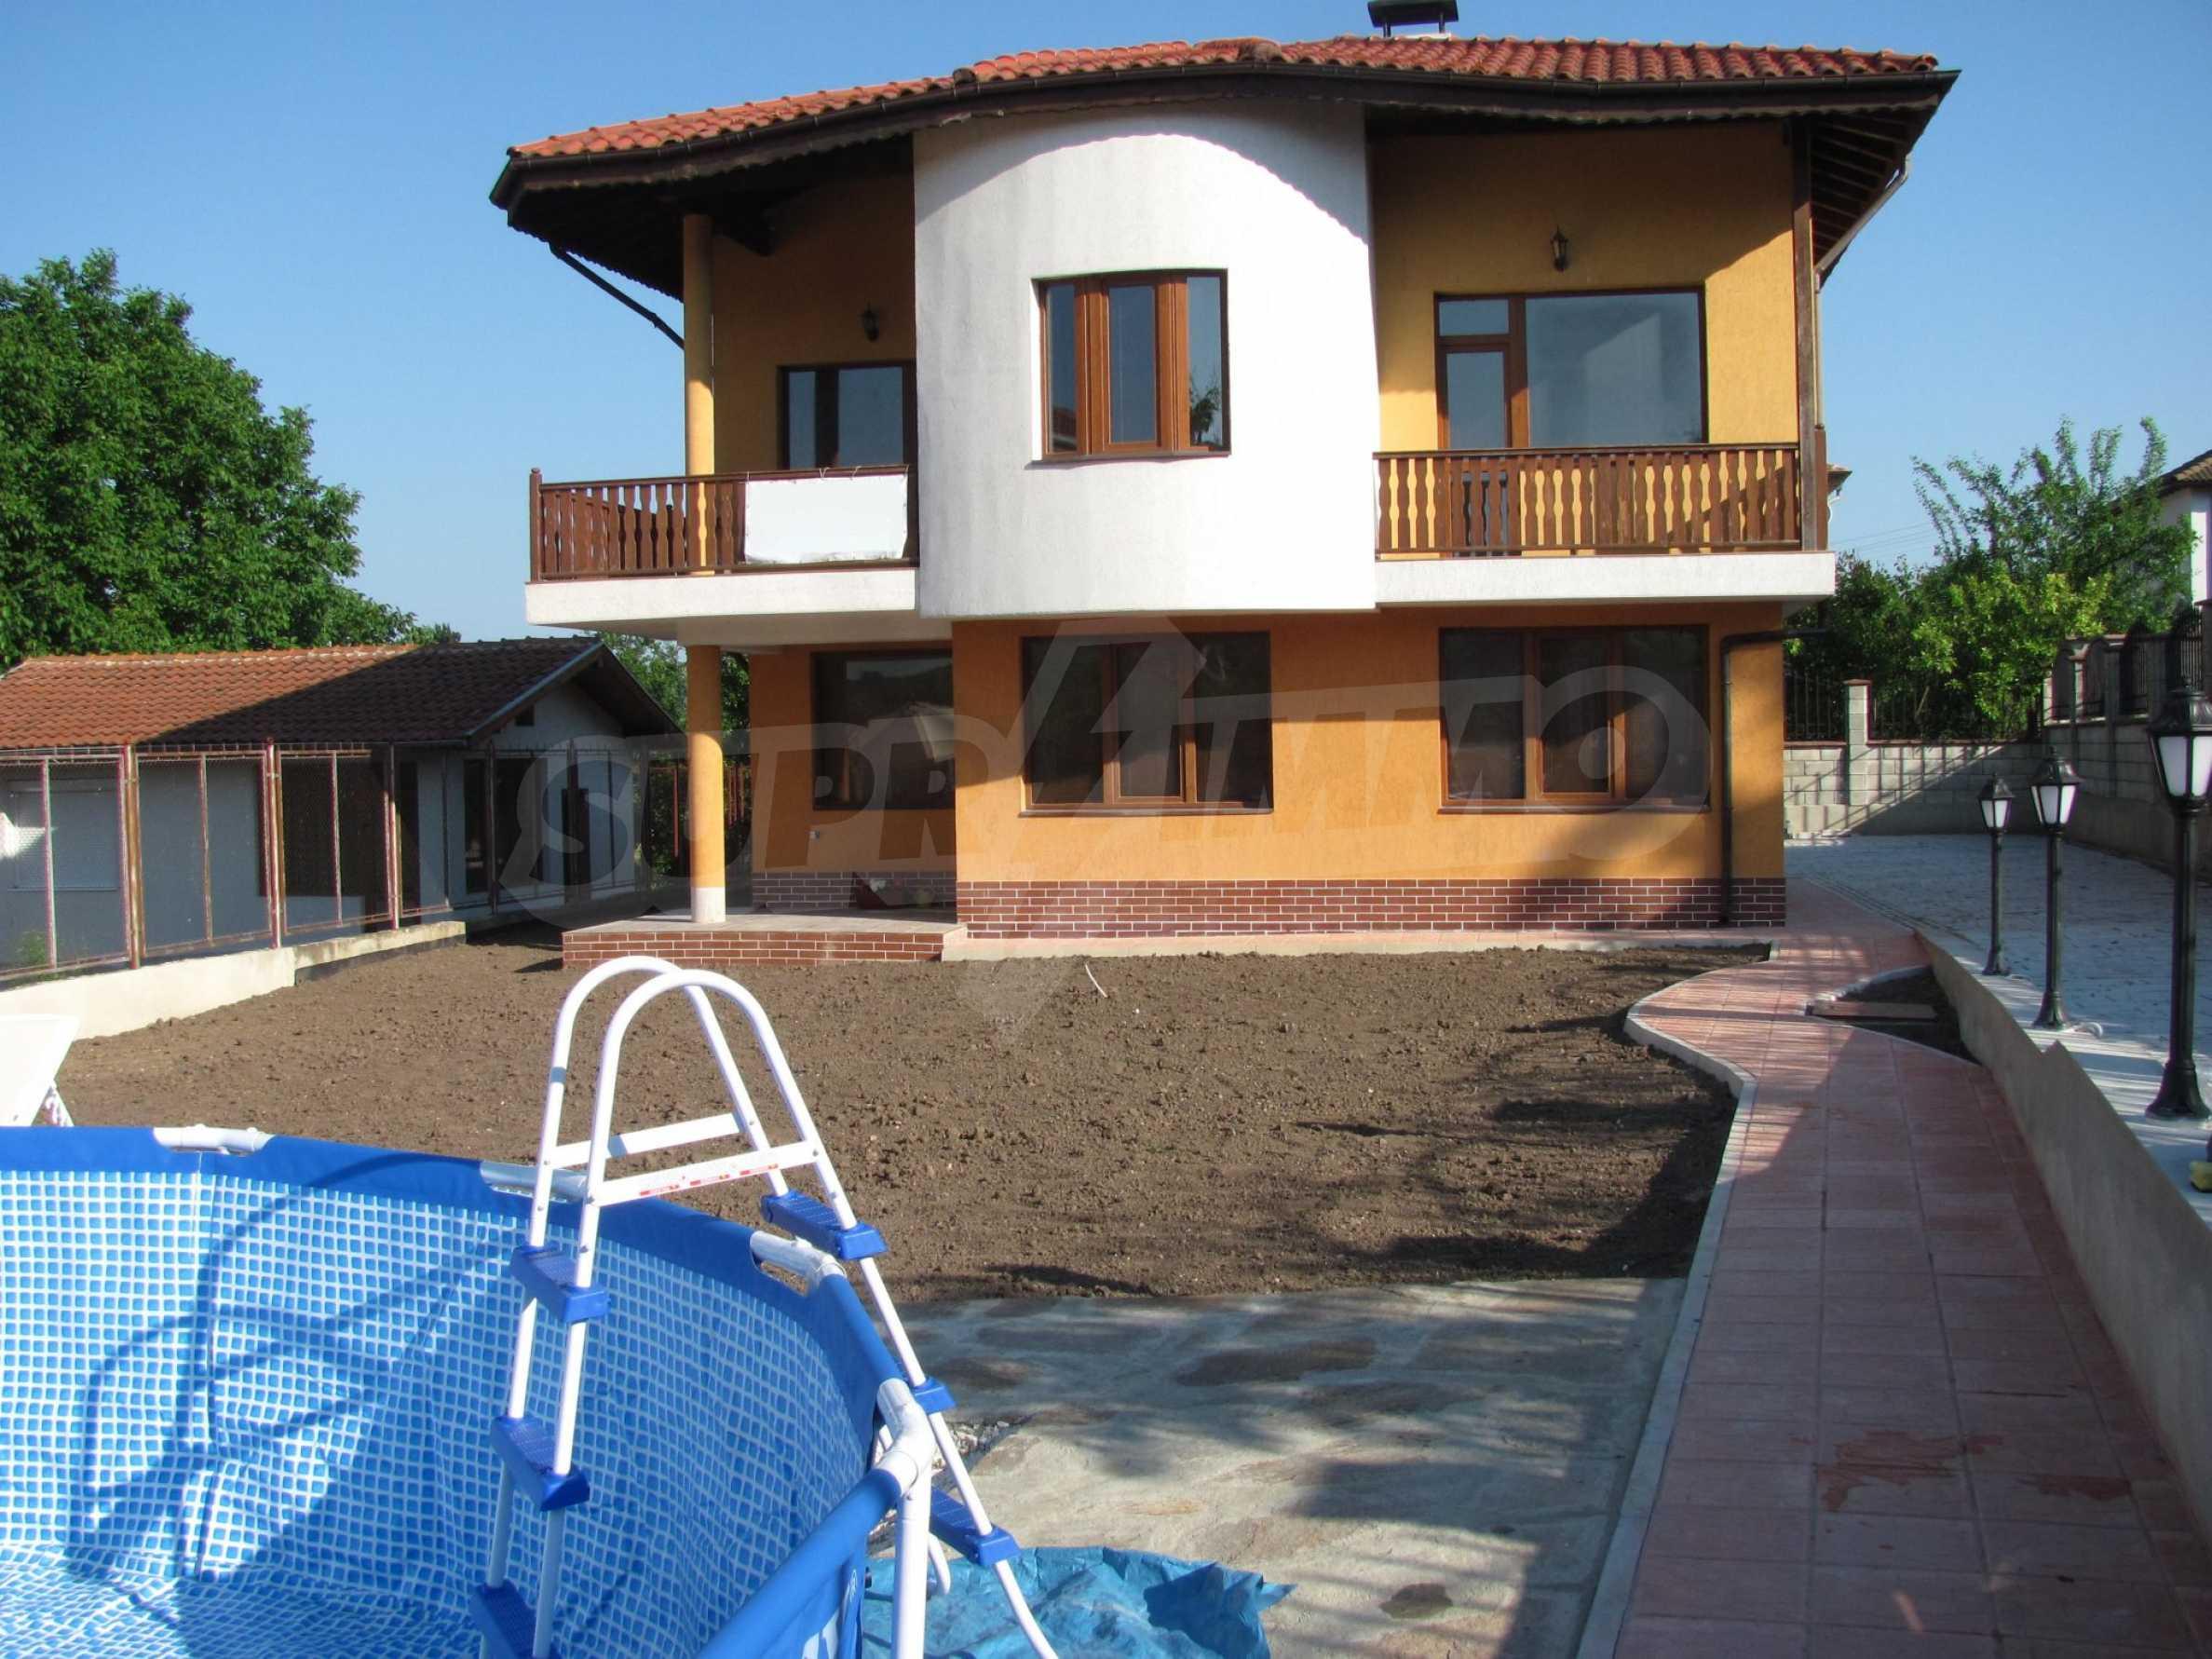 Schönes, dreistöckiges Haus in der Nähe von Warna 3